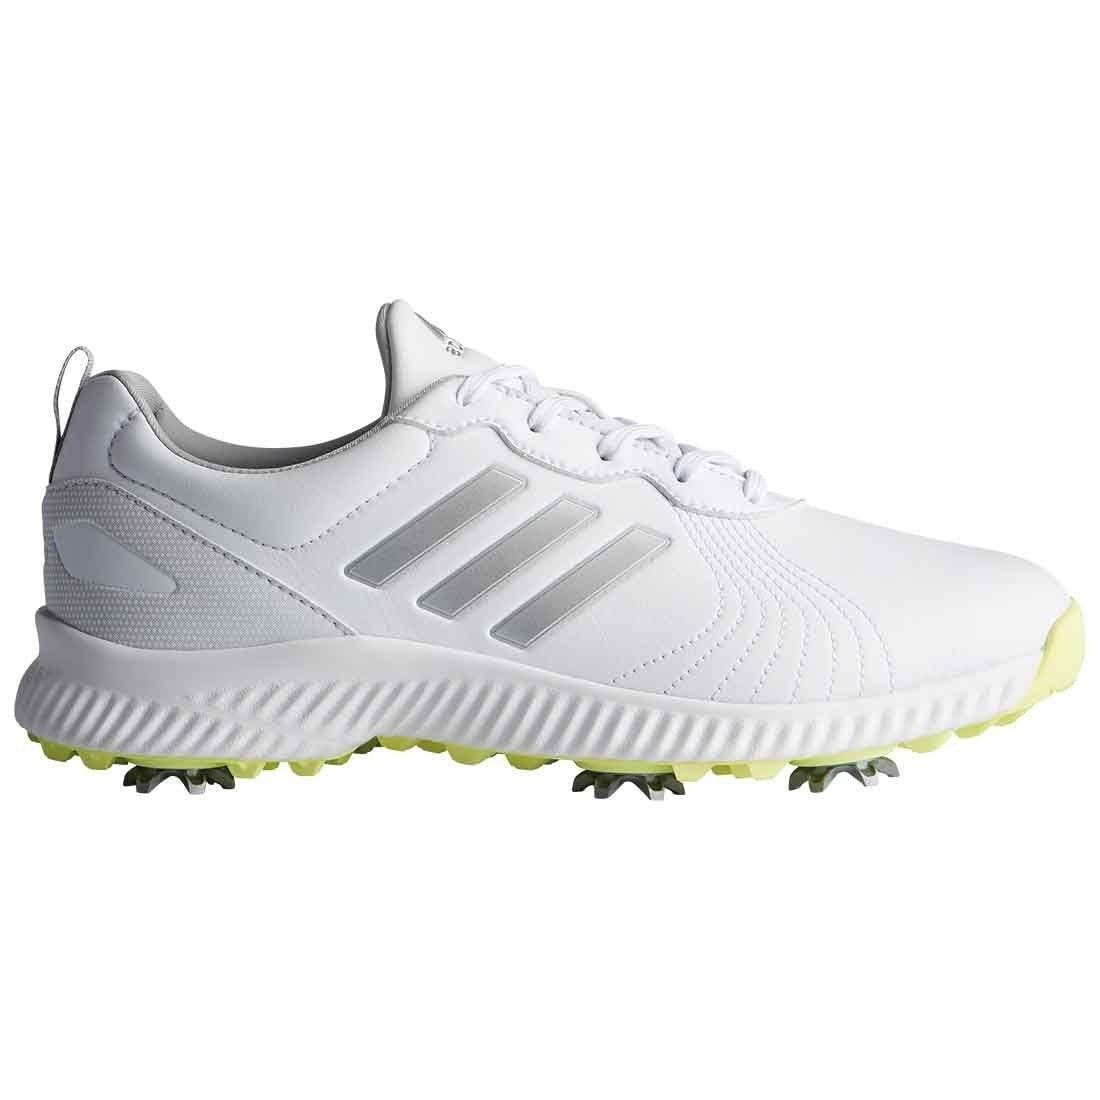 424148ea5 Buy Women s Golf Shoes Online at Overstock